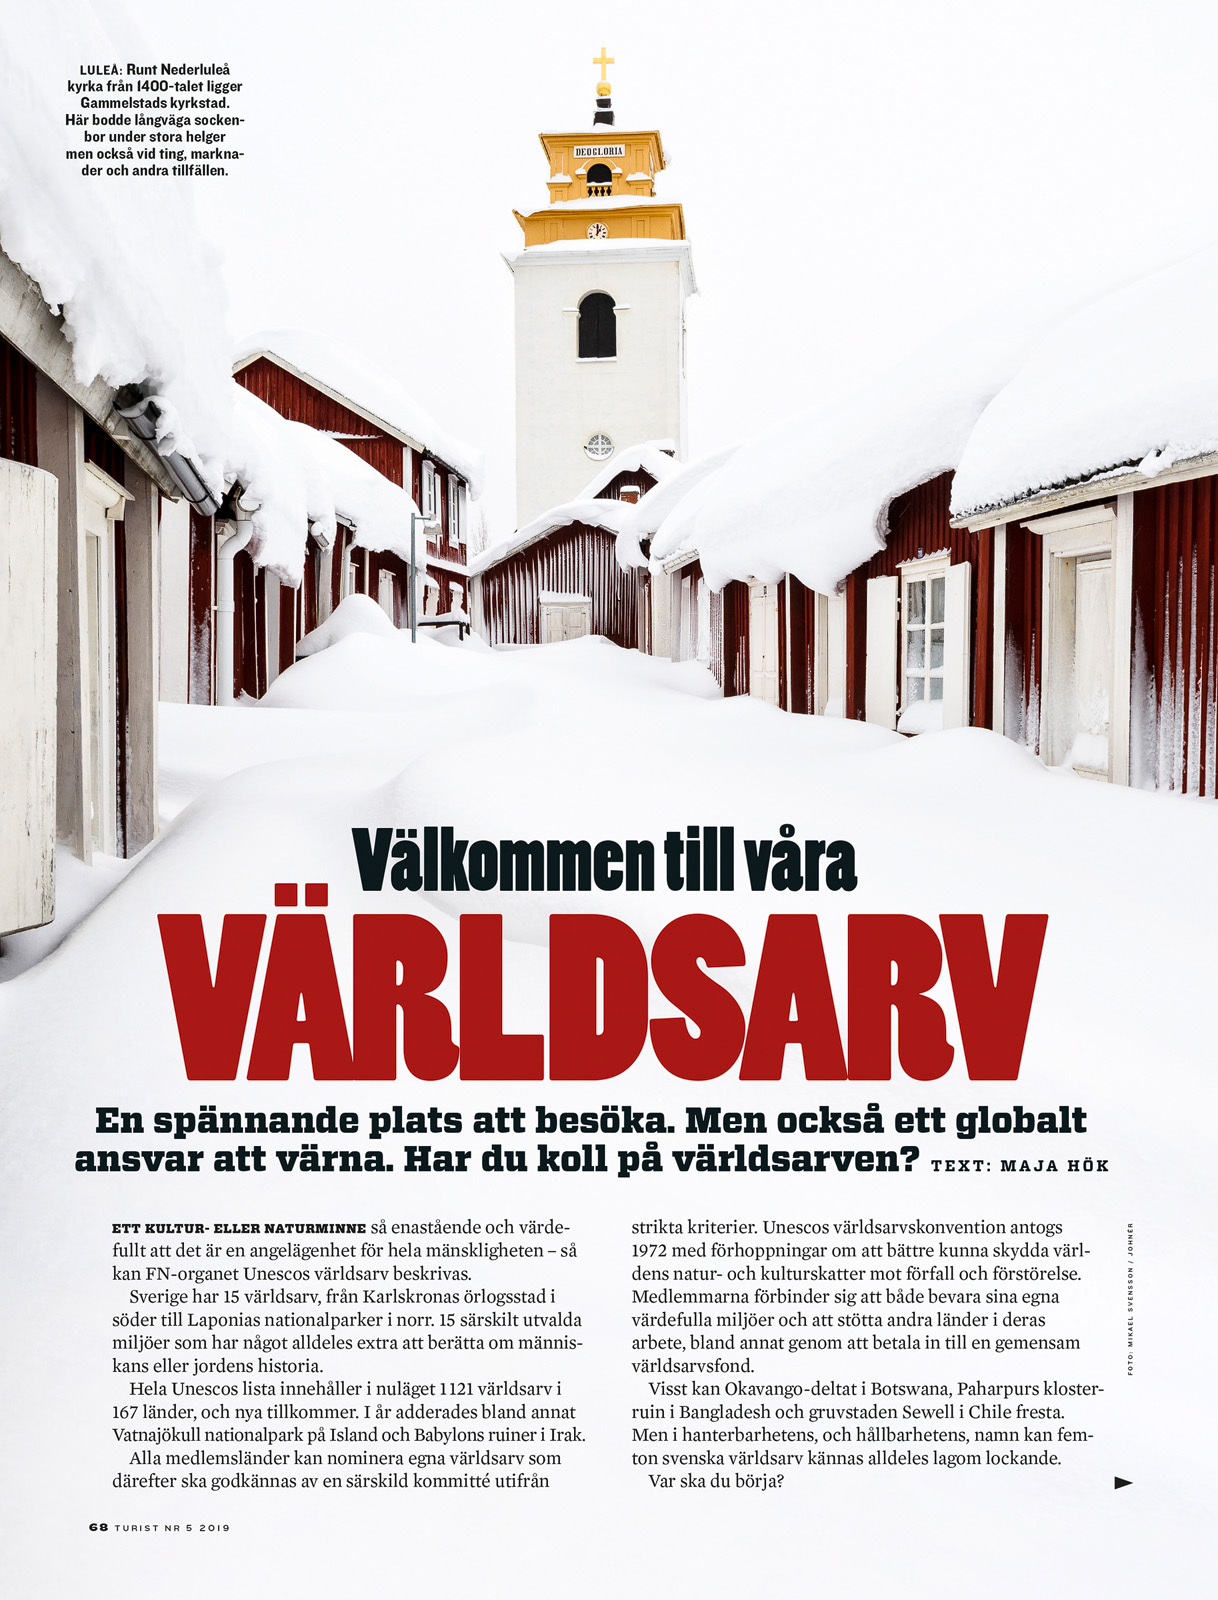 Bild från Gammelstads kyrkstad i tidningen Turist. Foto: Mikael Svensson